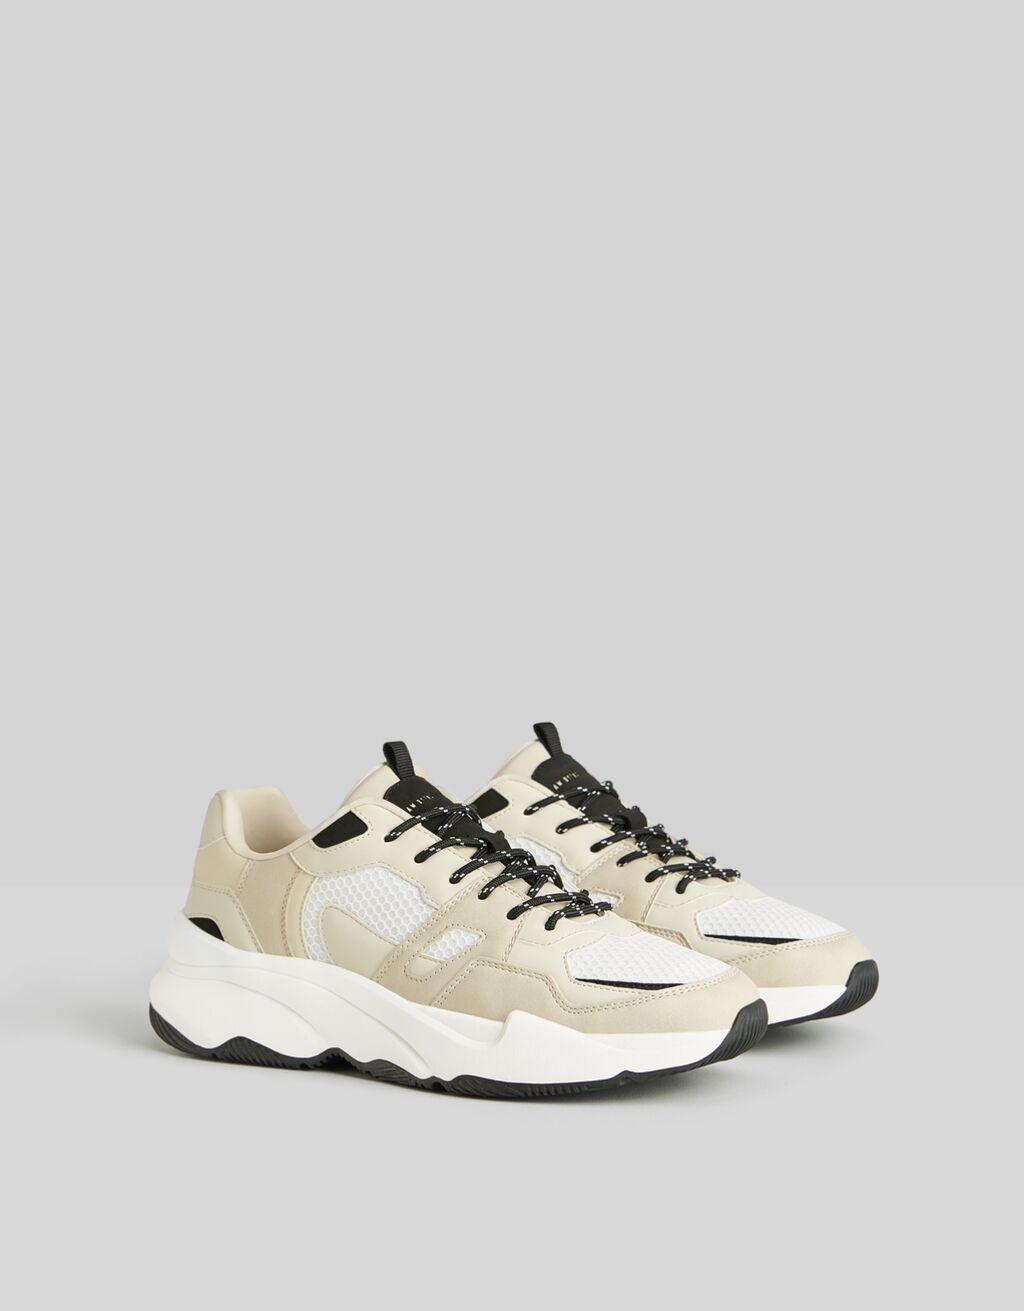 Pantofi sport bărbătești combinați cu plasă